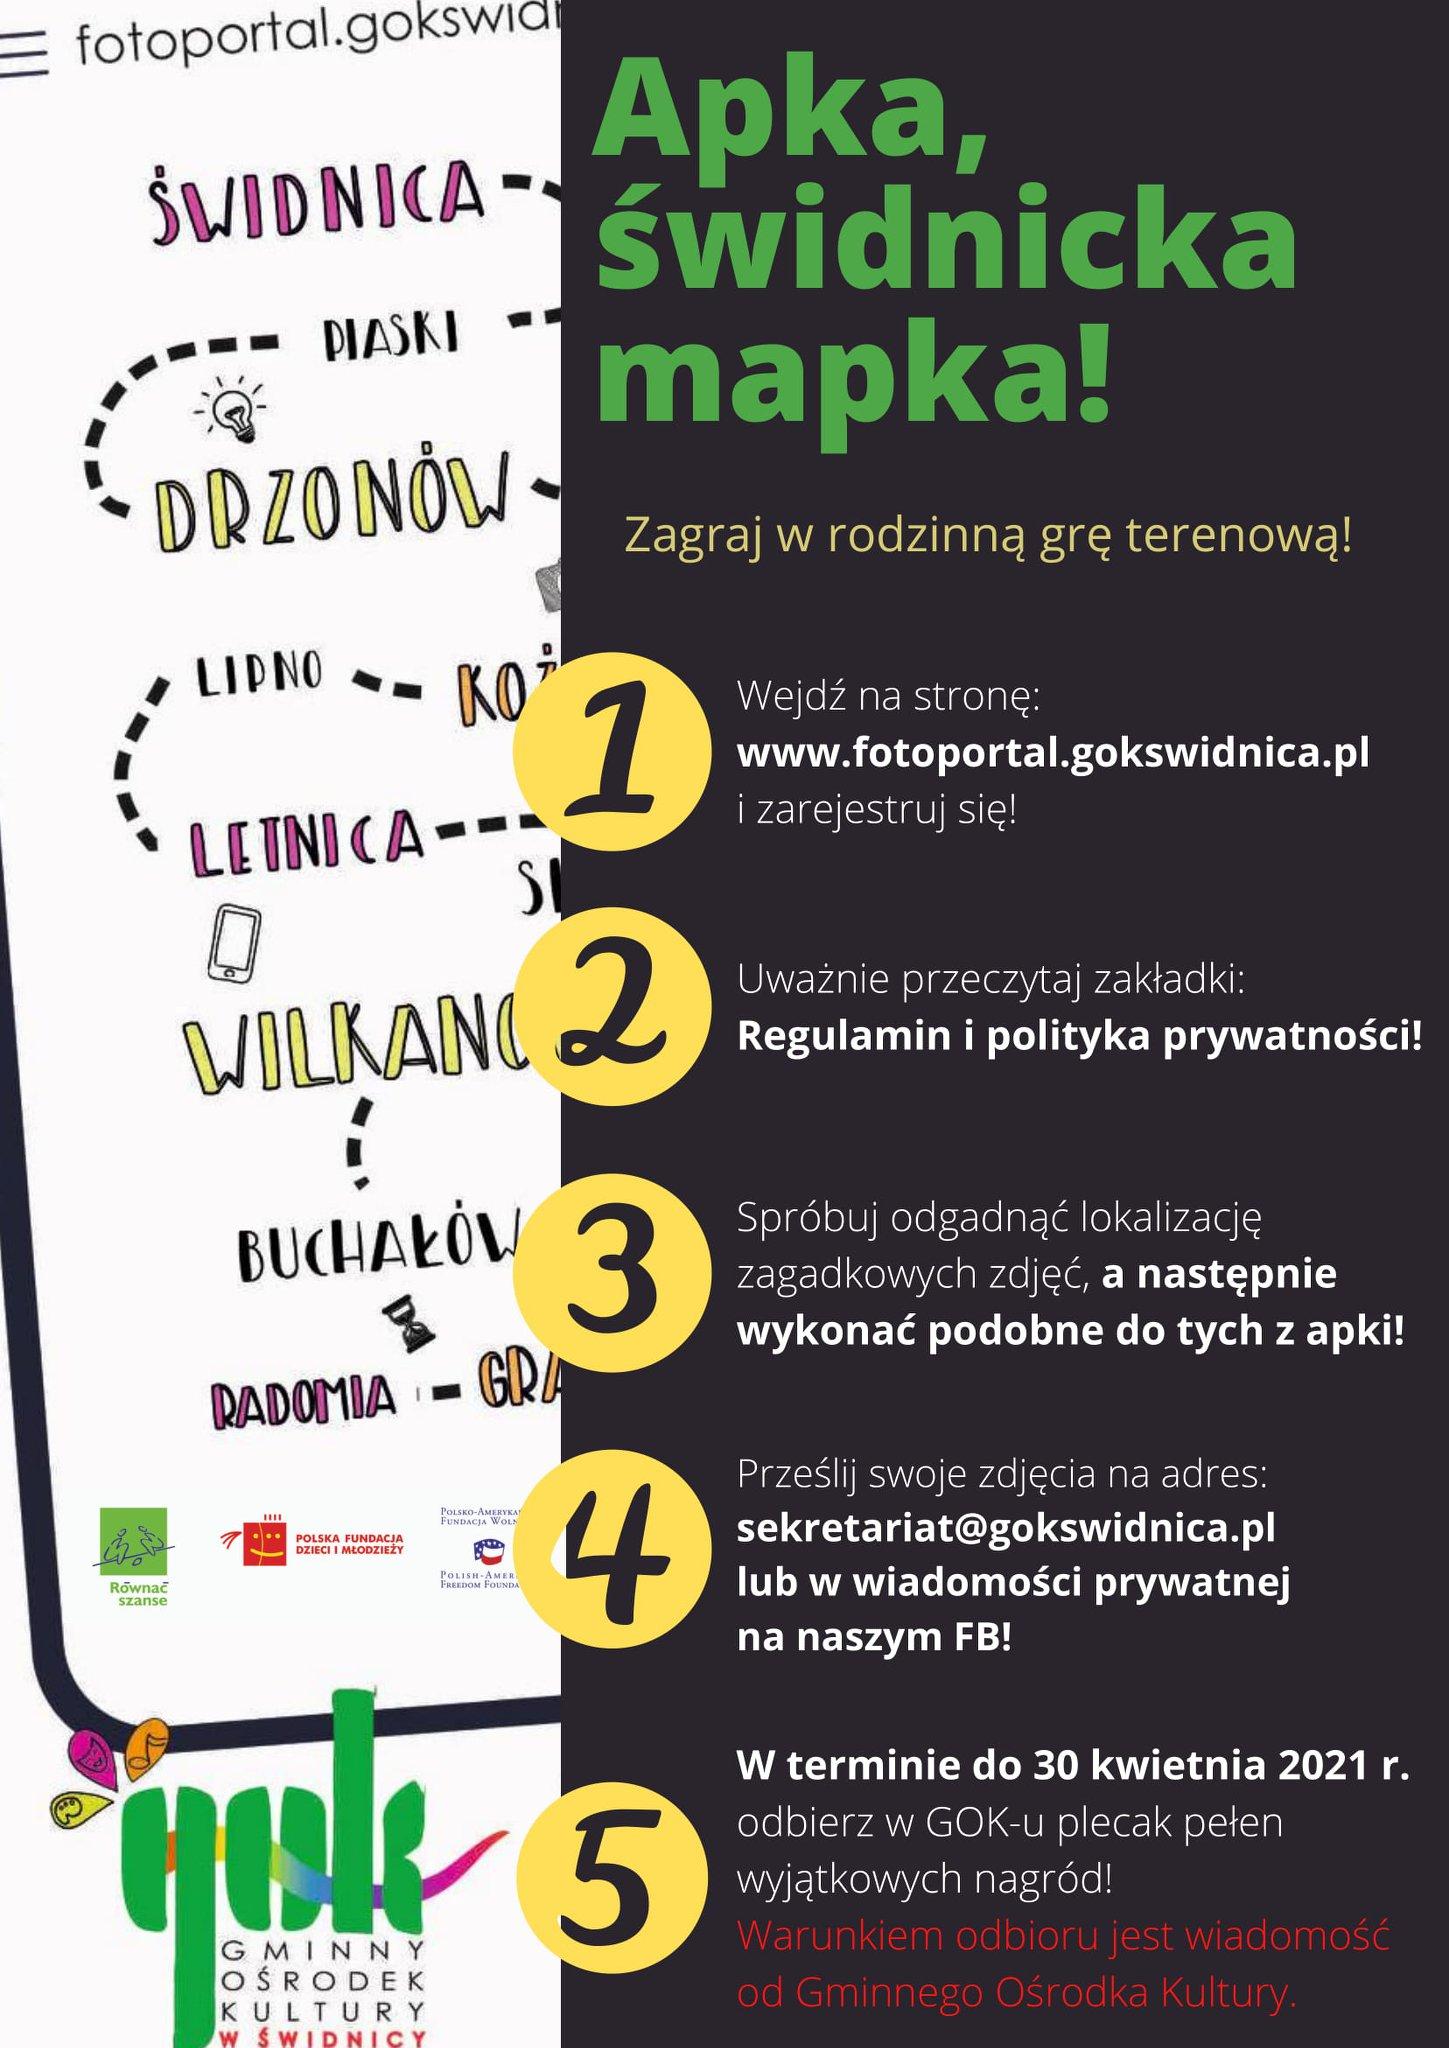 apka1